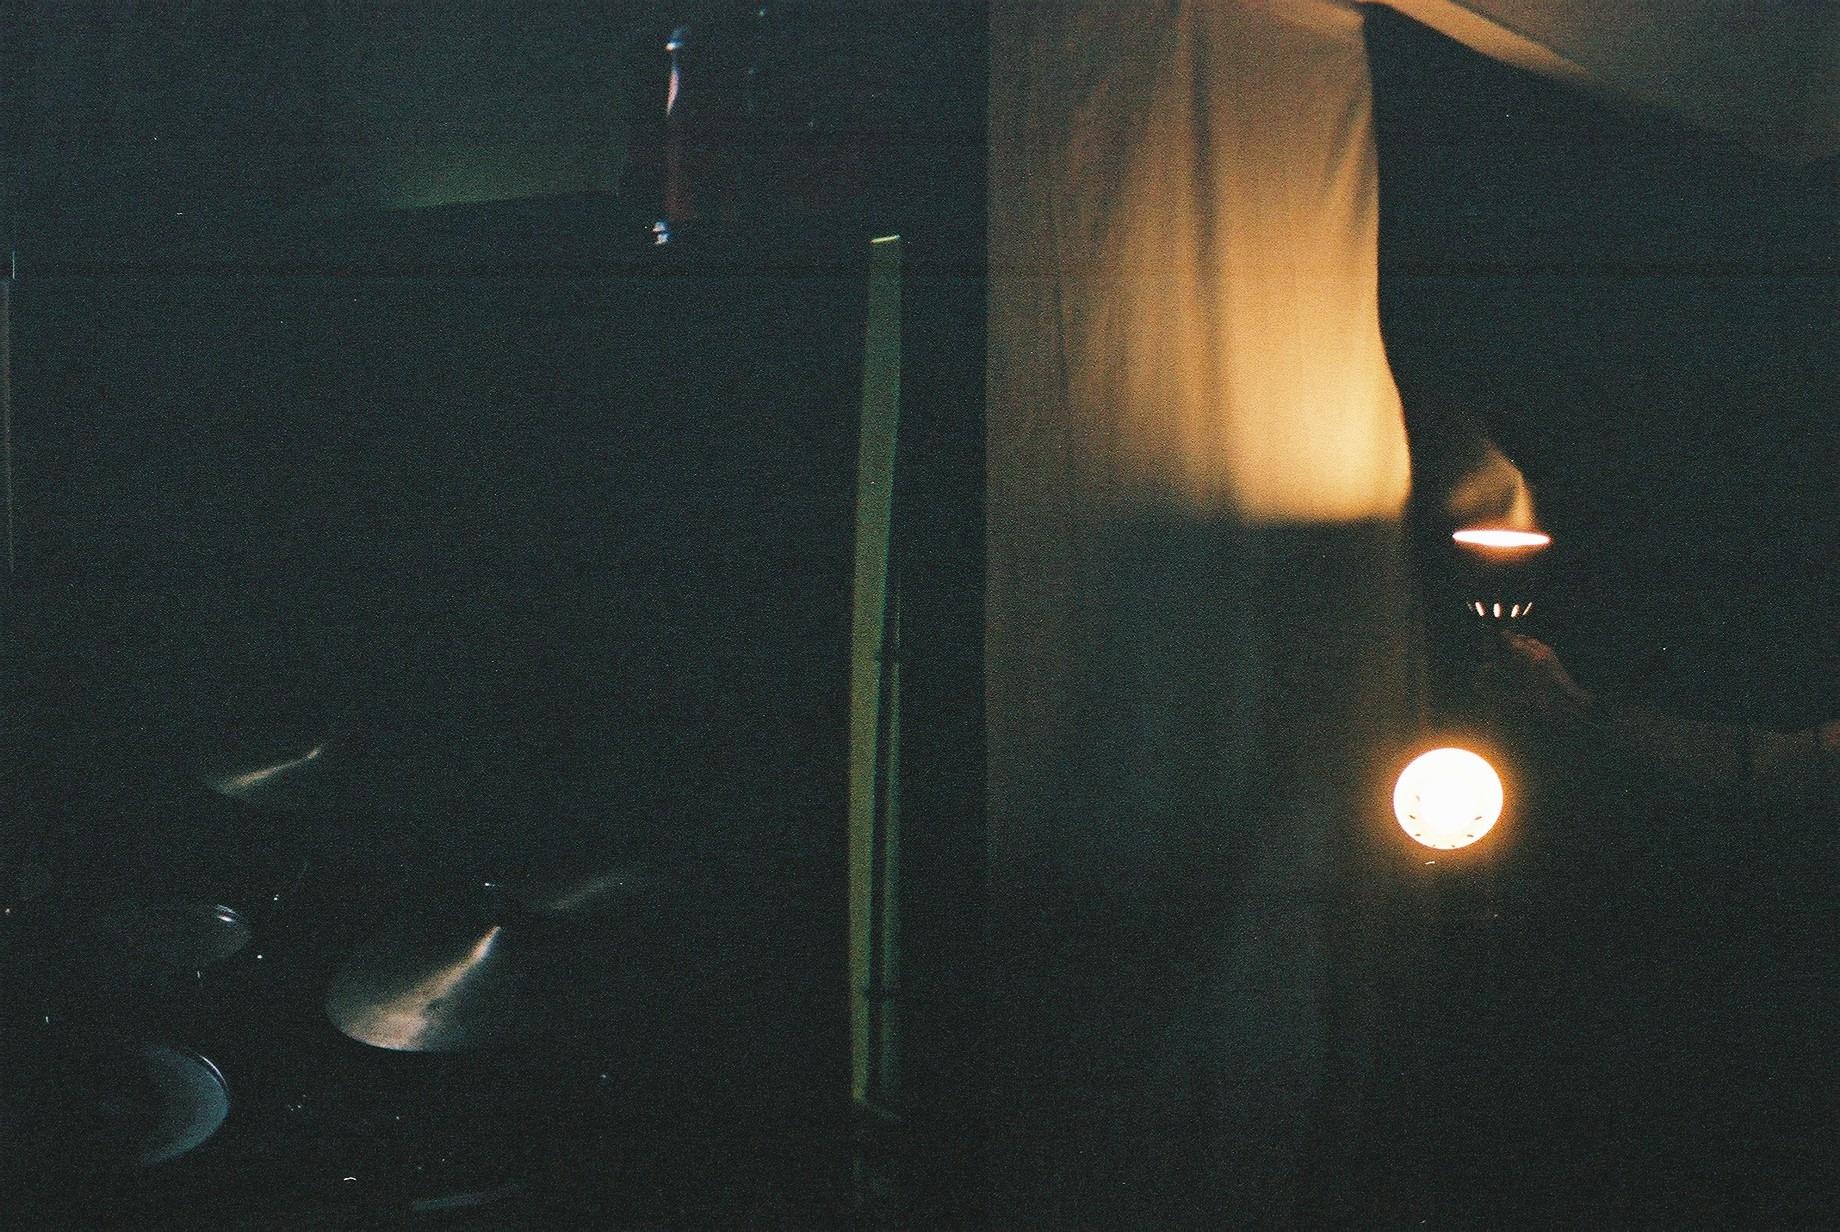 Arctic Lake Film Camera 26